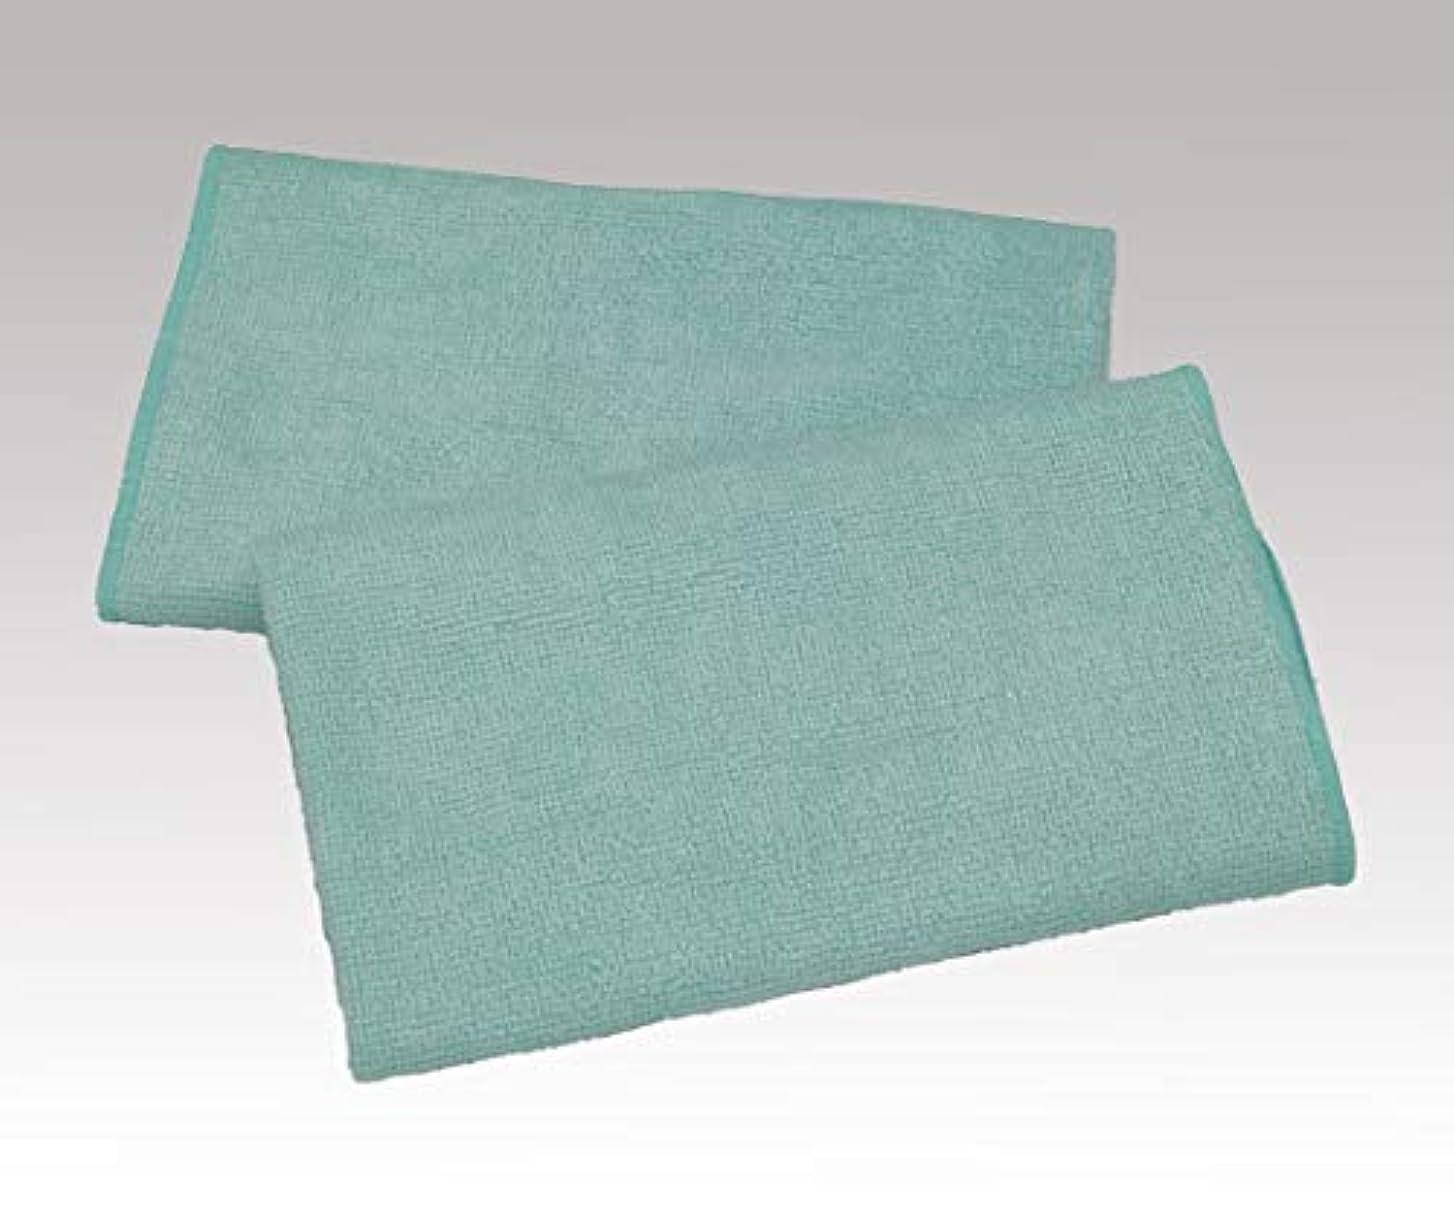 負天才遅いダブル織りタオル 清拭タオル